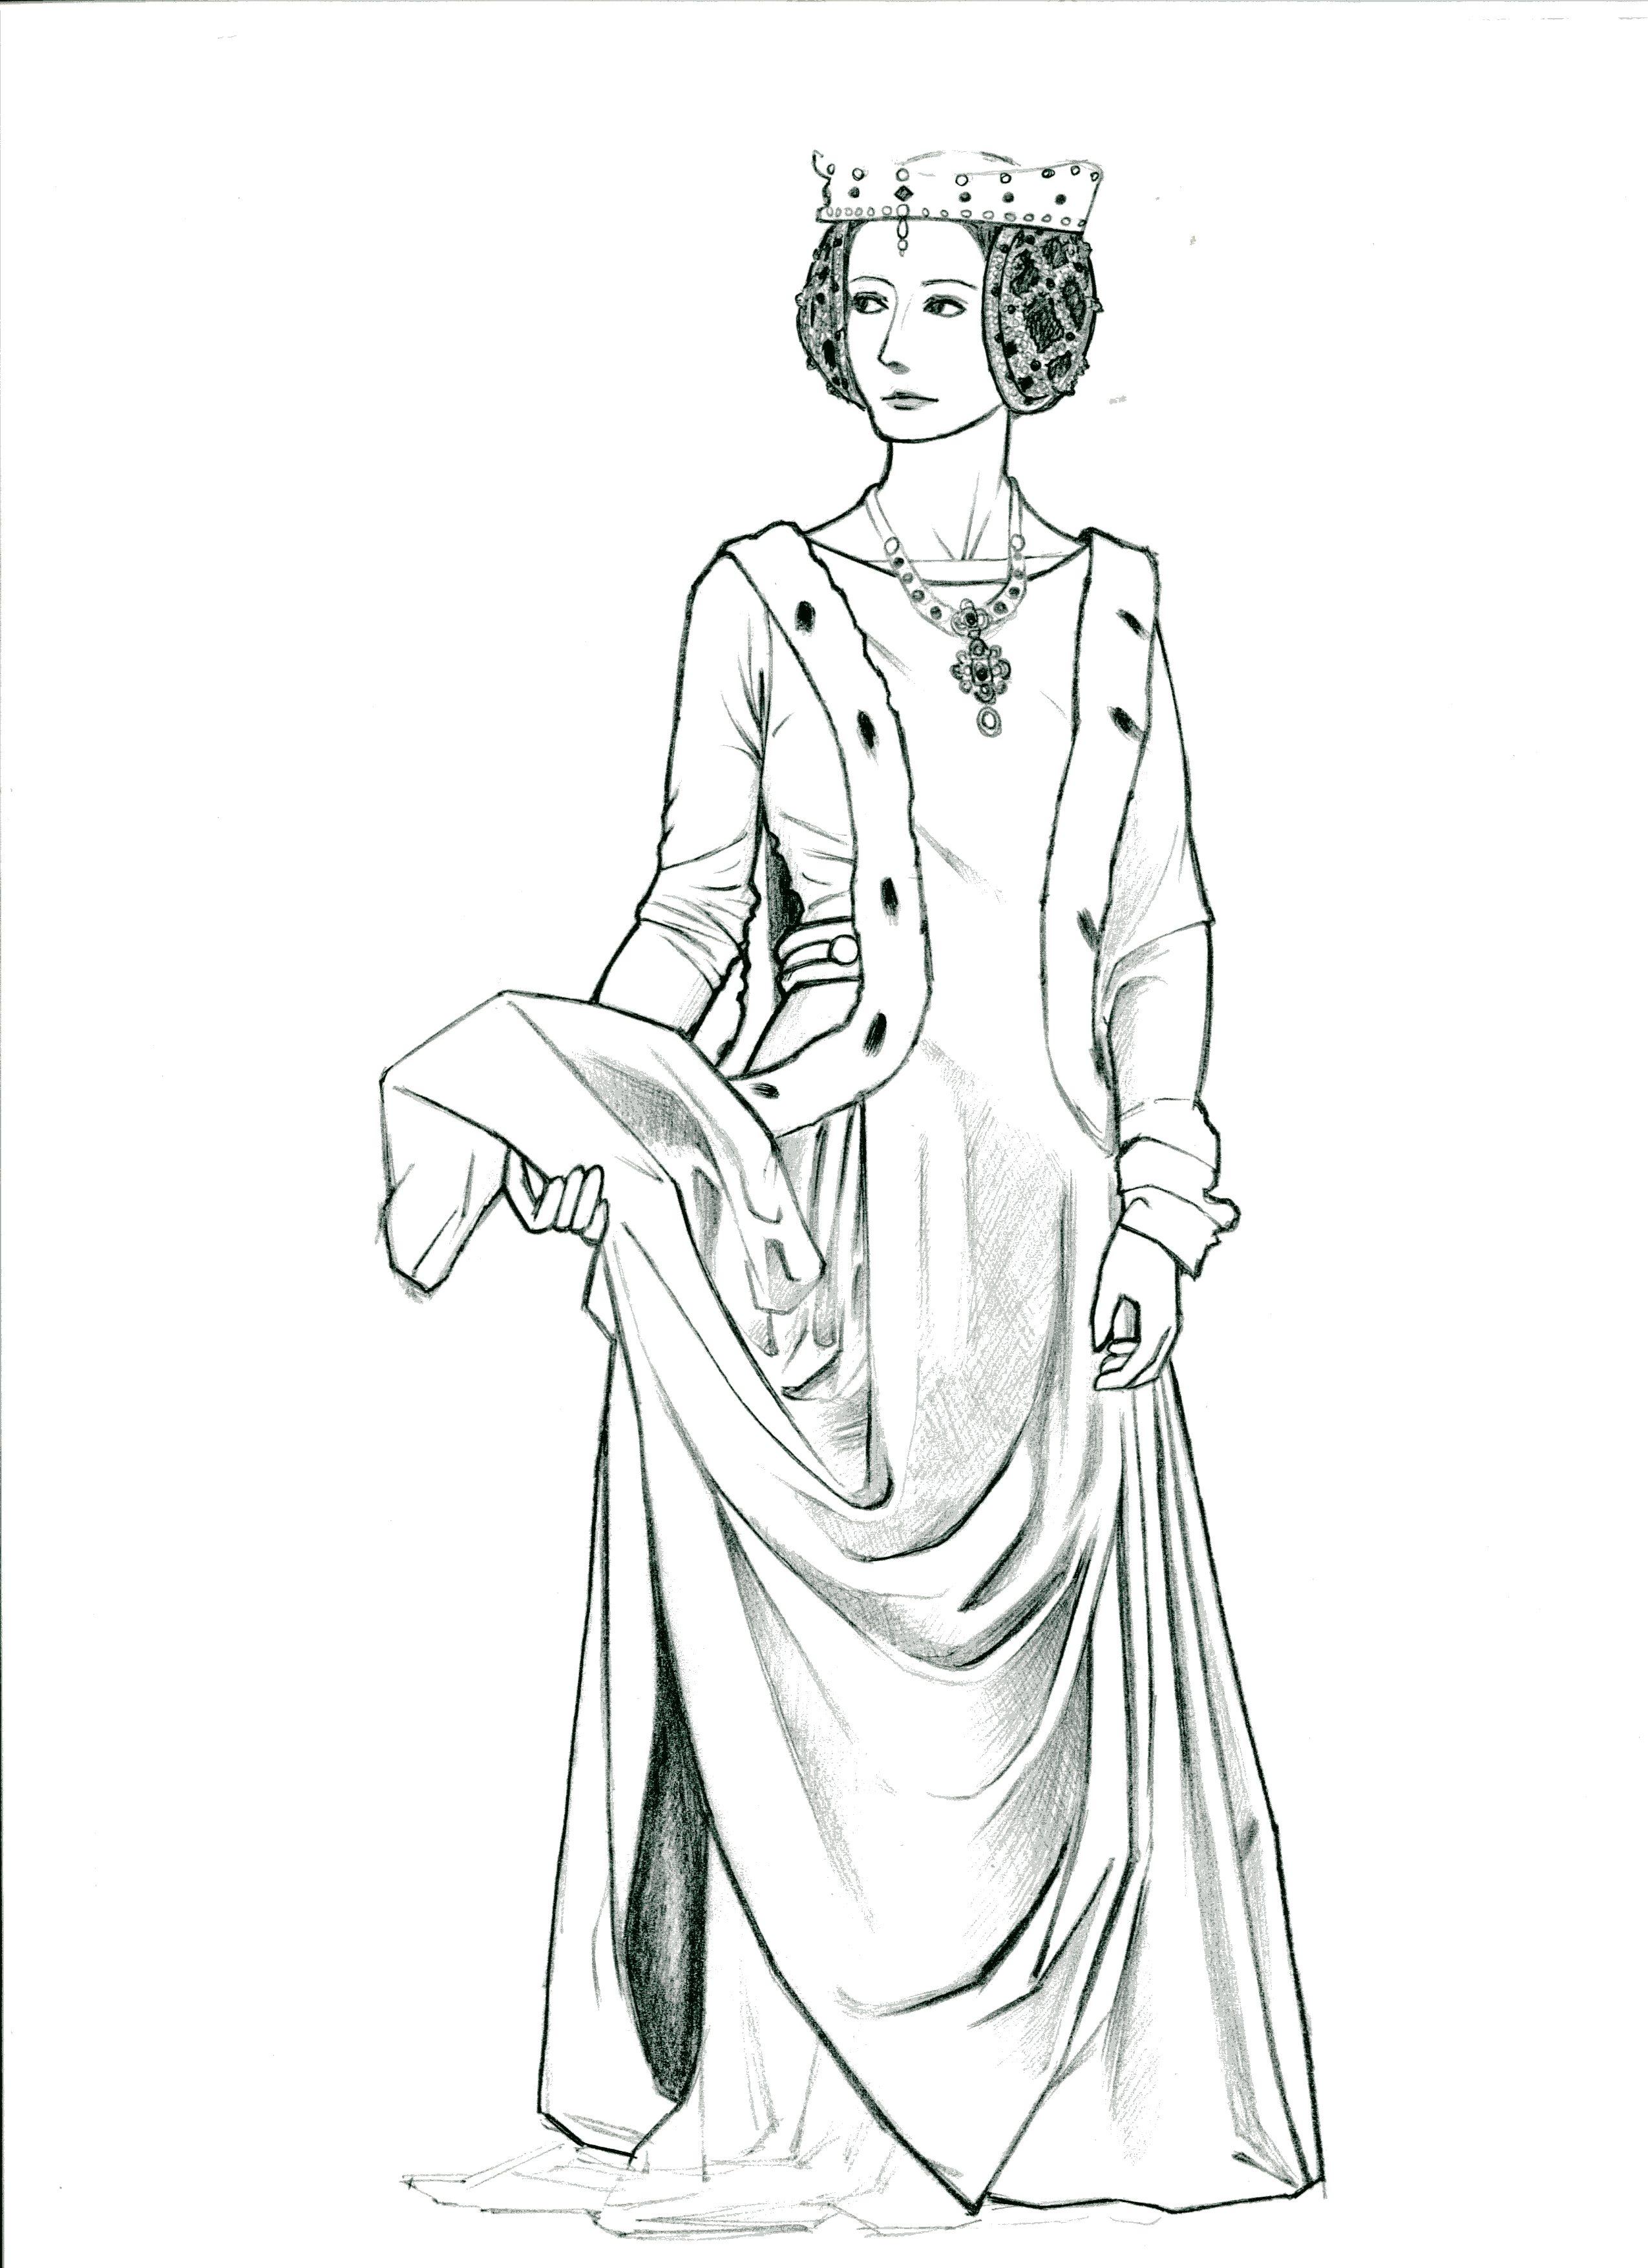 ゴシック時代の女性のフィギュア: 造型のブログ